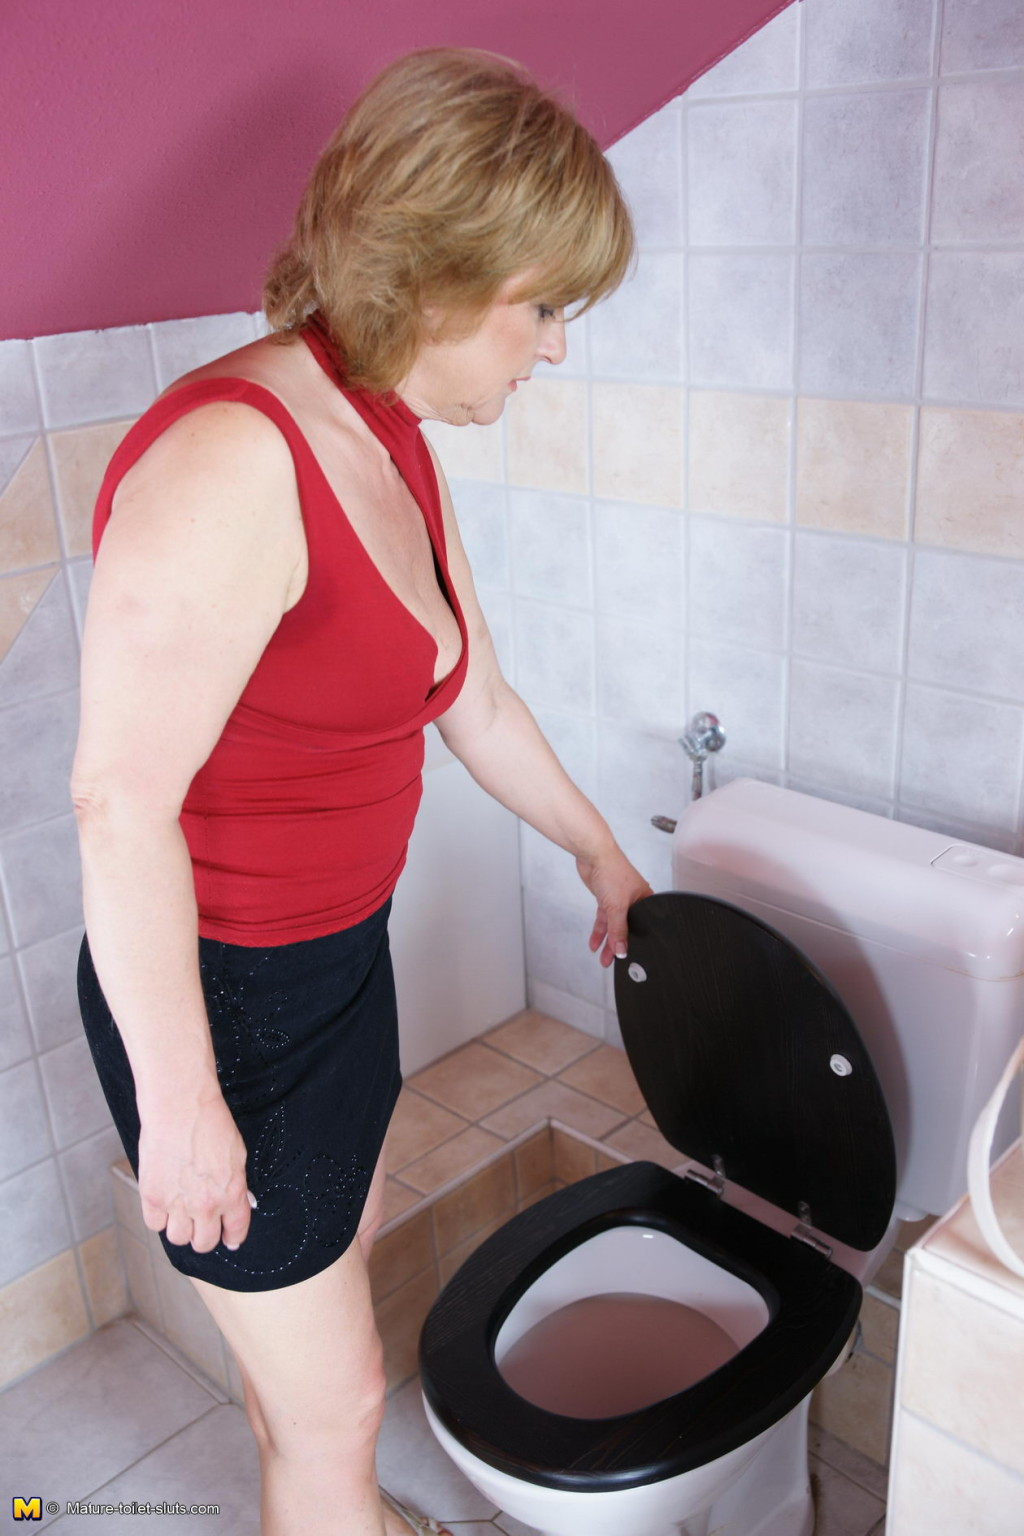 В туалете - Галерея № 3512978